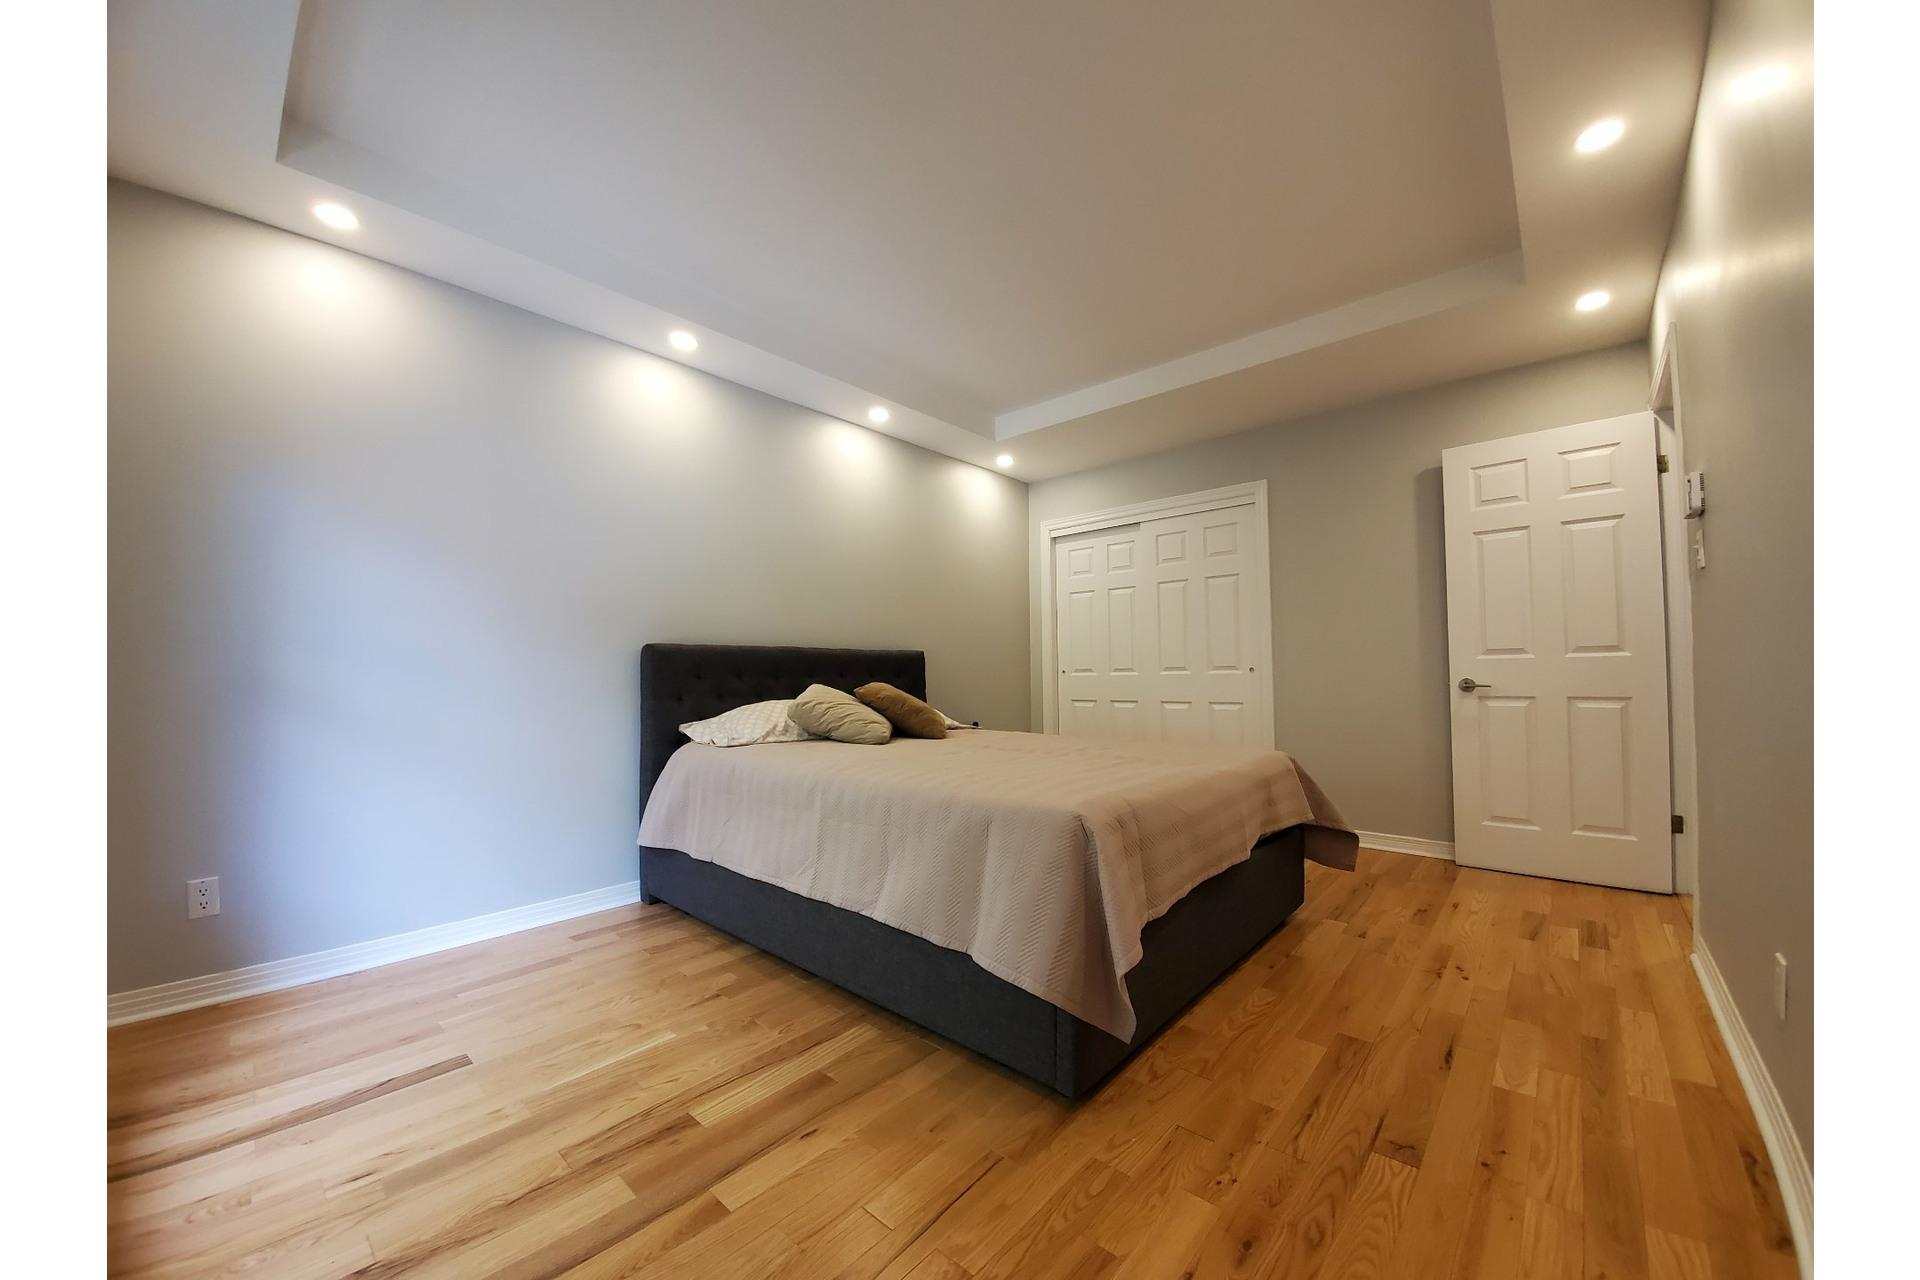 image 21 - Apartment For sale Ville-Marie Montréal  - 5 rooms